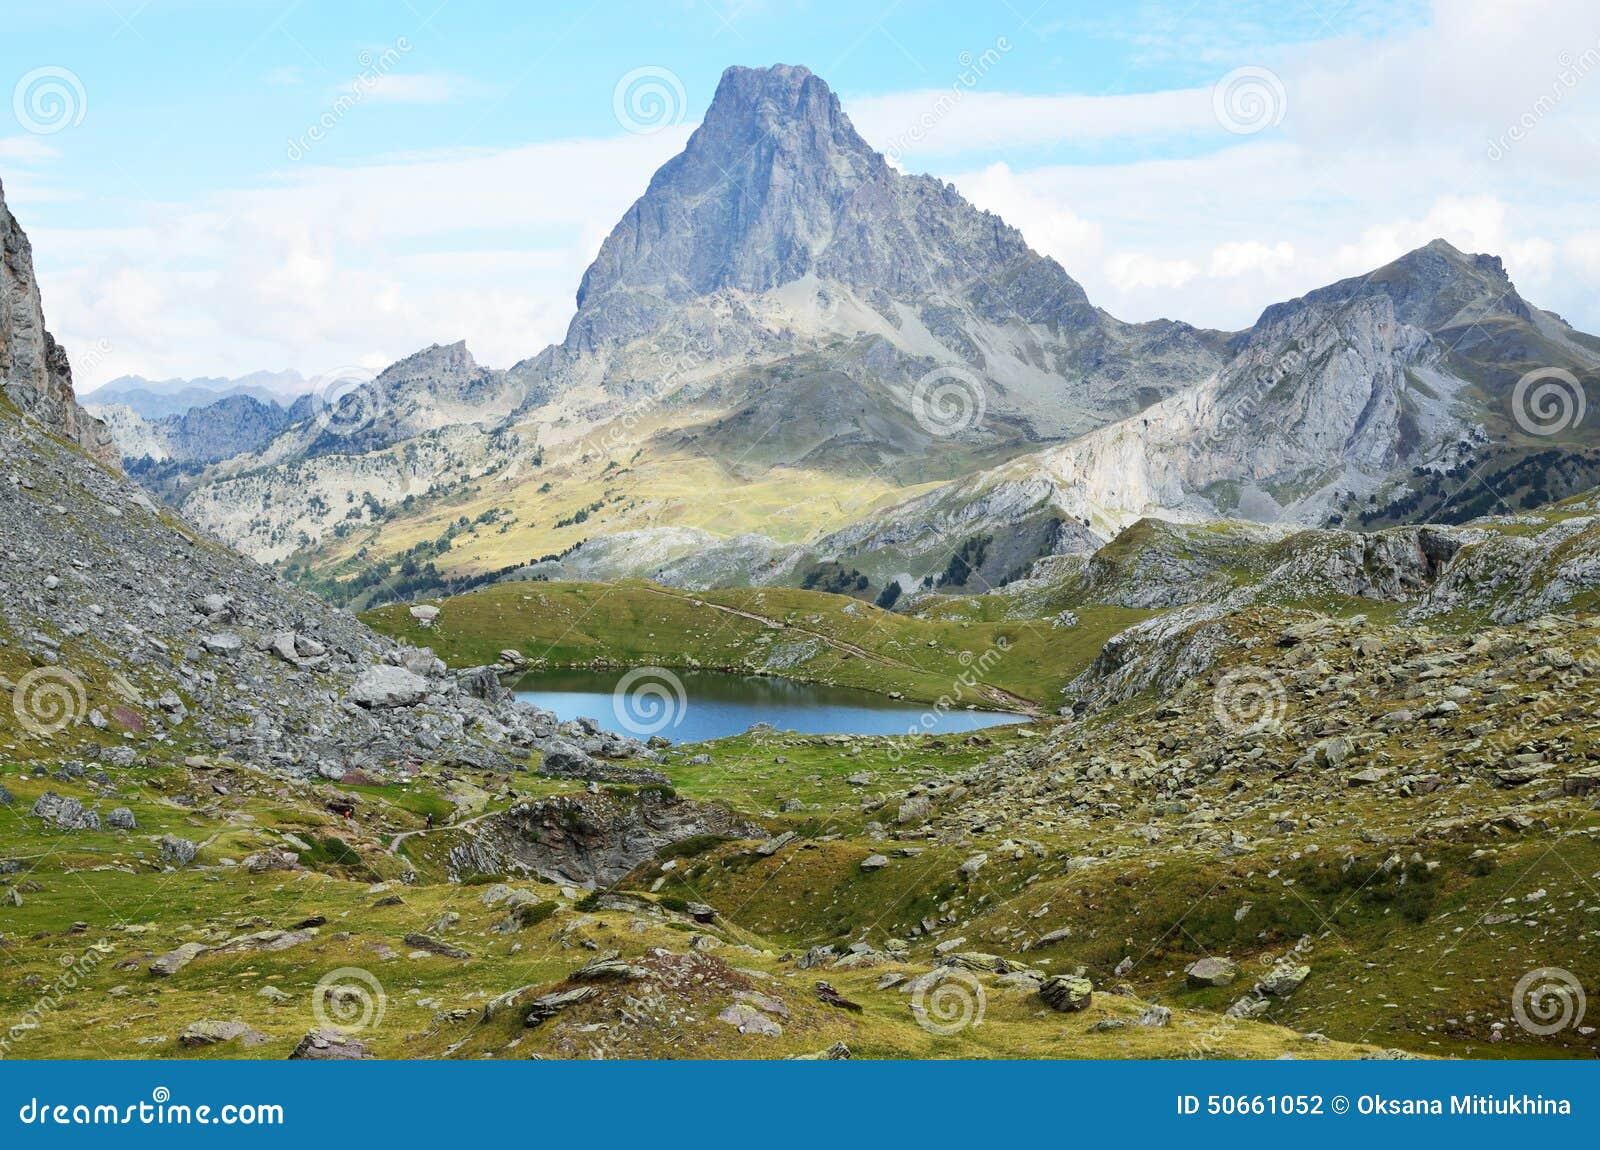 Les pyr n es atlantiques bearn photo stock image du - Office du tourisme pyrenees atlantiques ...